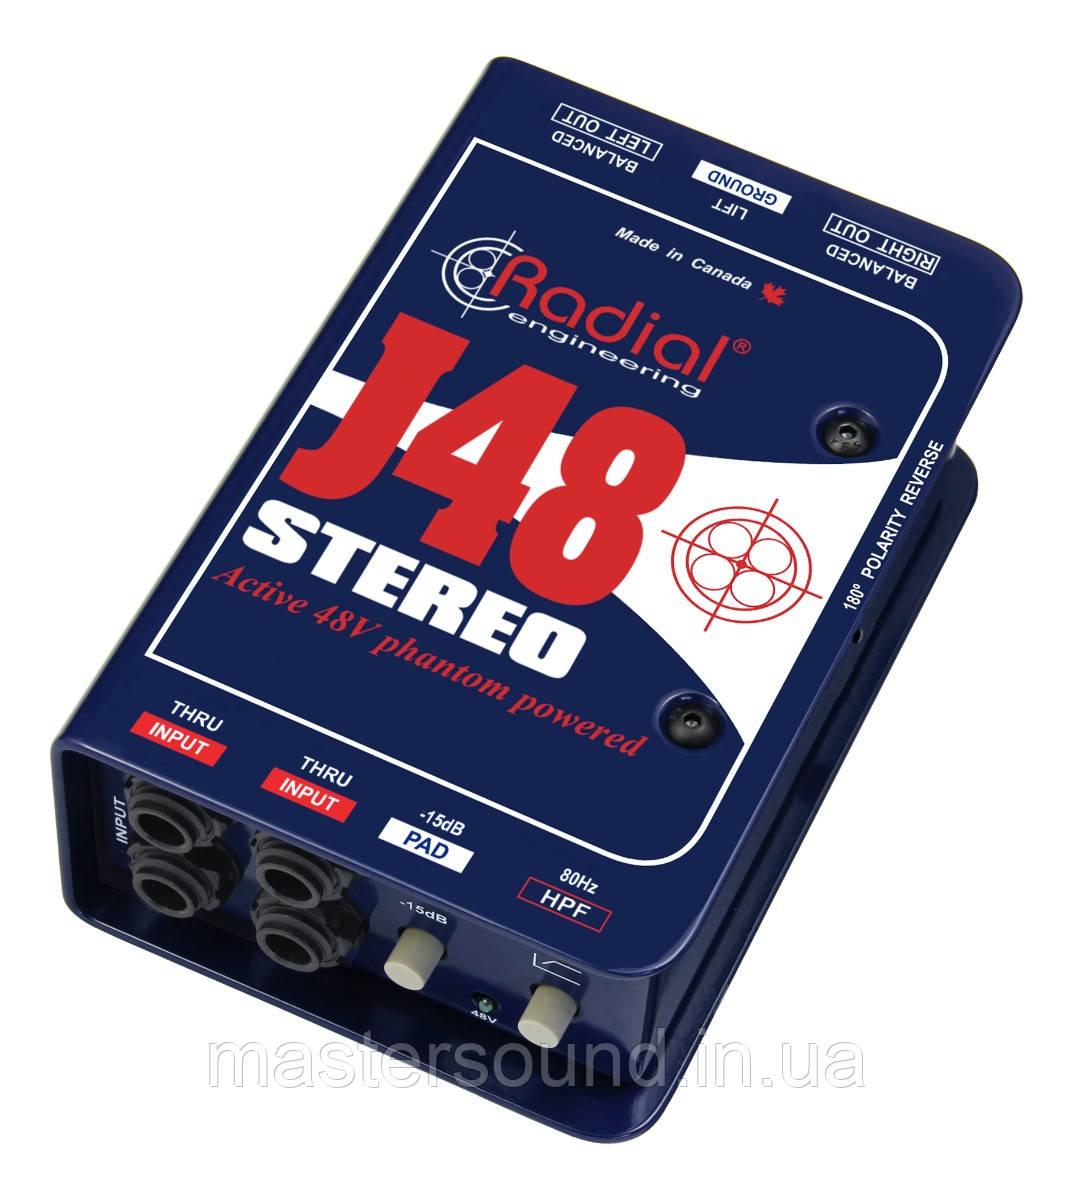 Директ-бокс Radial J48 Stereo